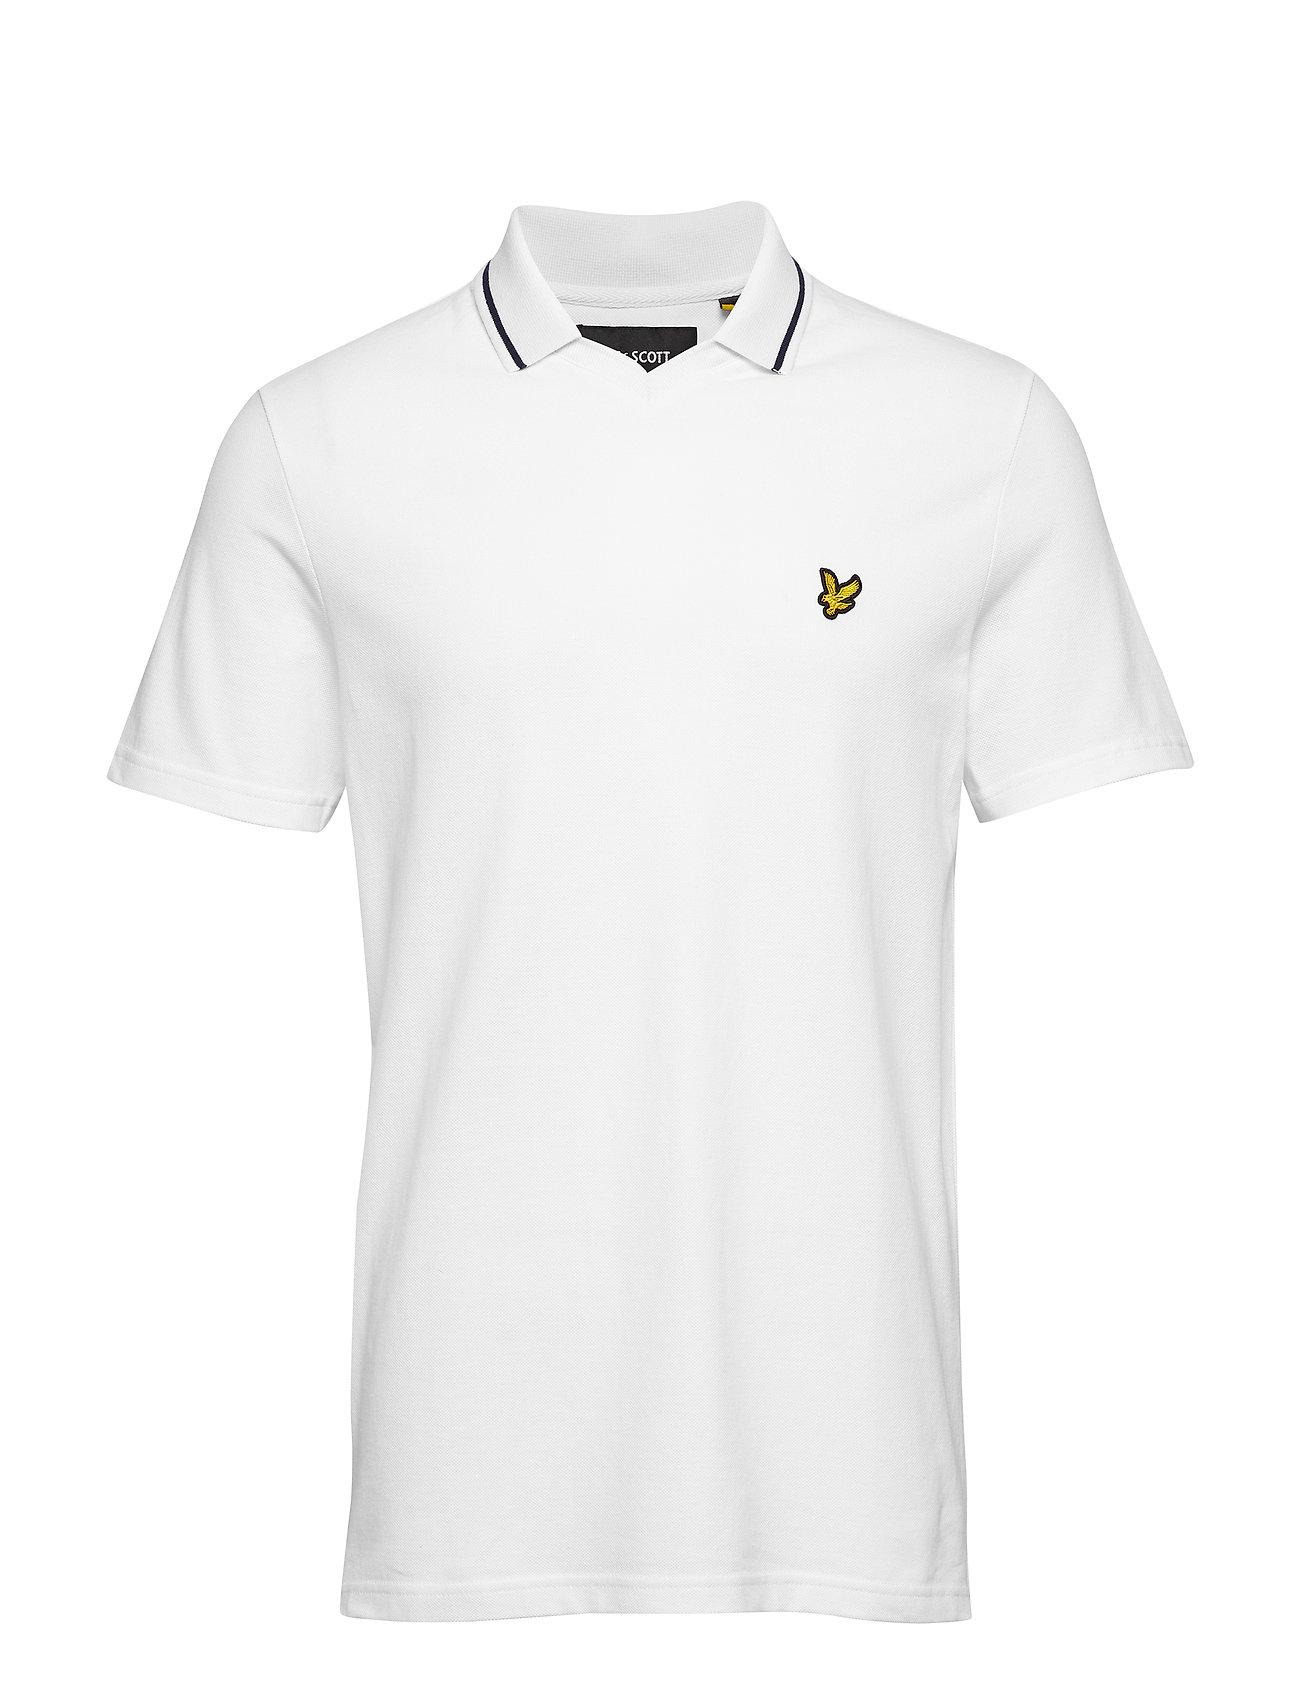 ShirtwhiteLyleamp; Polo Football ShirtwhiteLyleamp; Neck Scott Football Neck Scott Polo Neck Football NkX0POn8w